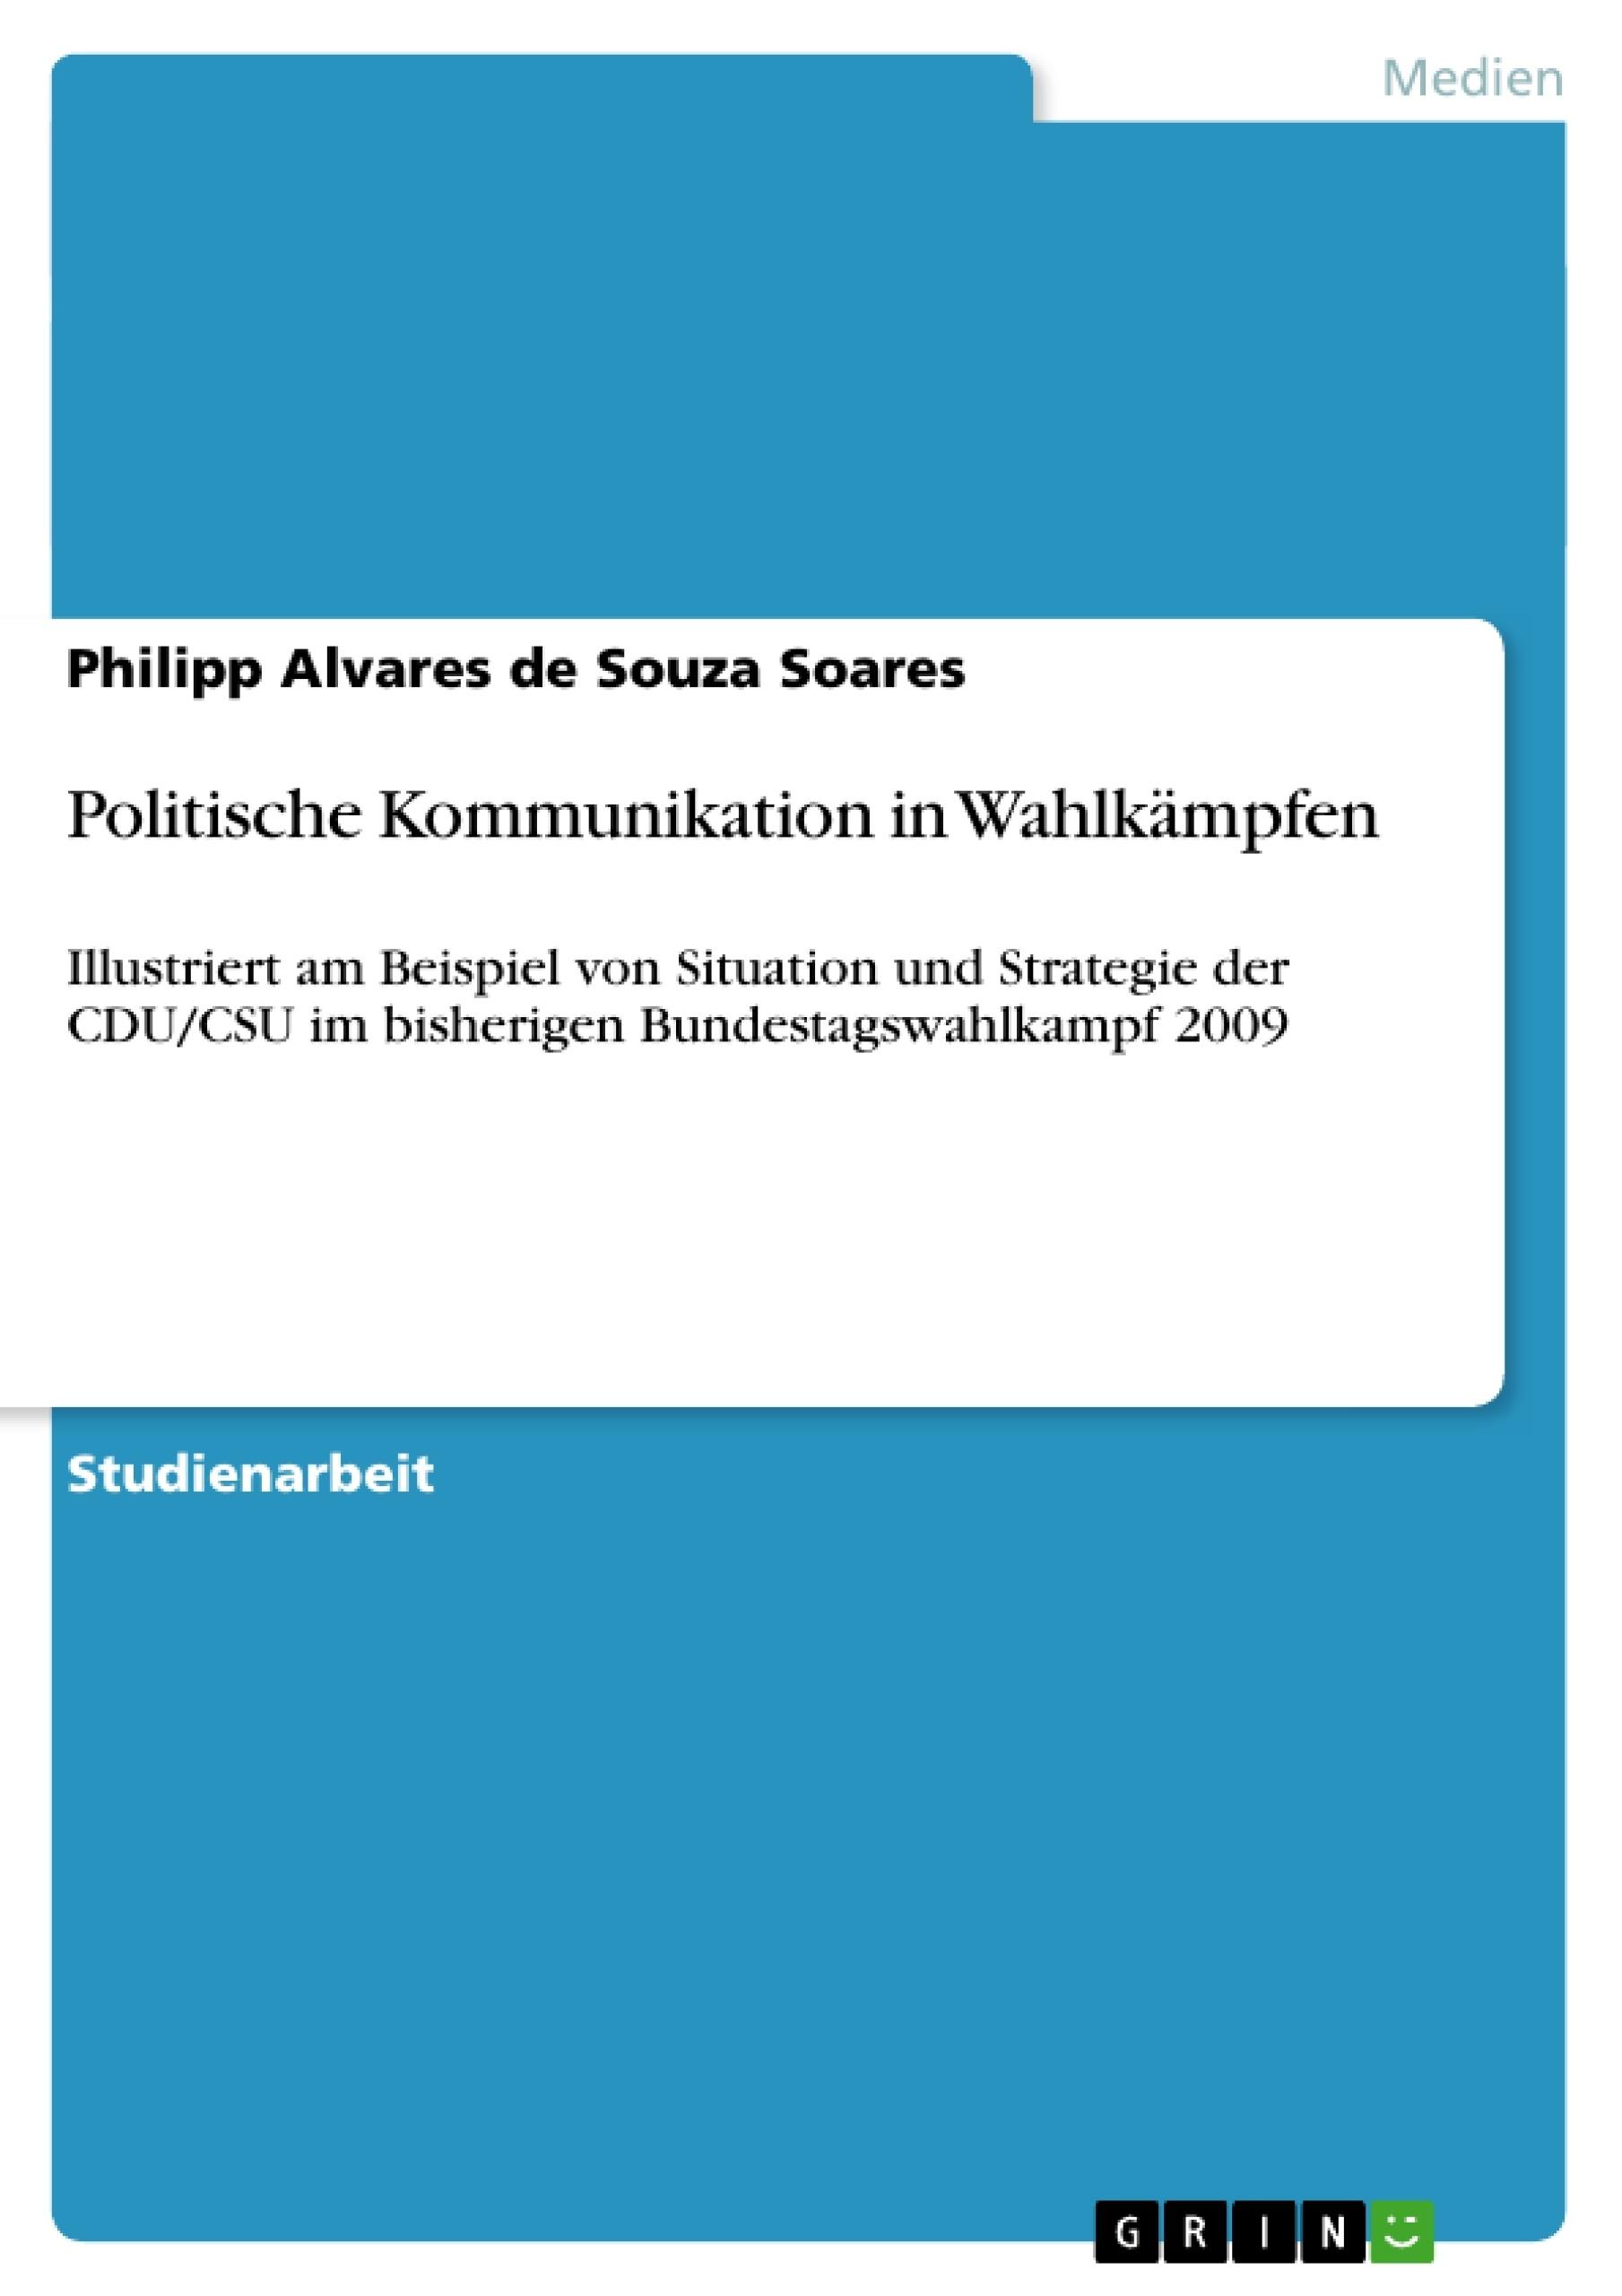 Titel: Politische Kommunikation in Wahlkämpfen